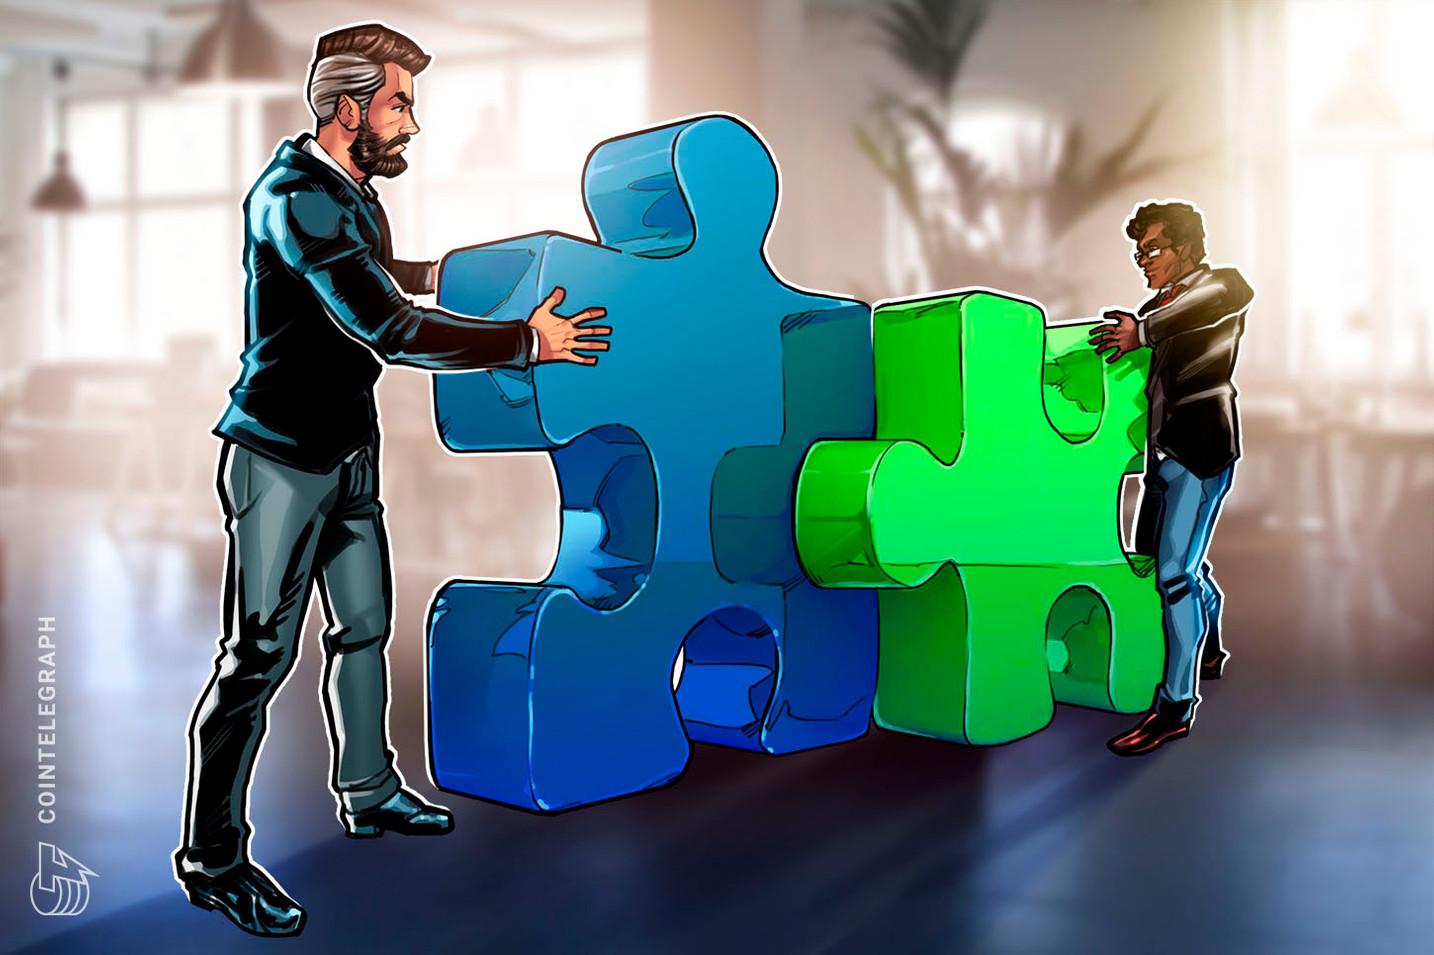 Cashlink und Agora Innovation planen Ökosystem für digitale Wertpapiere